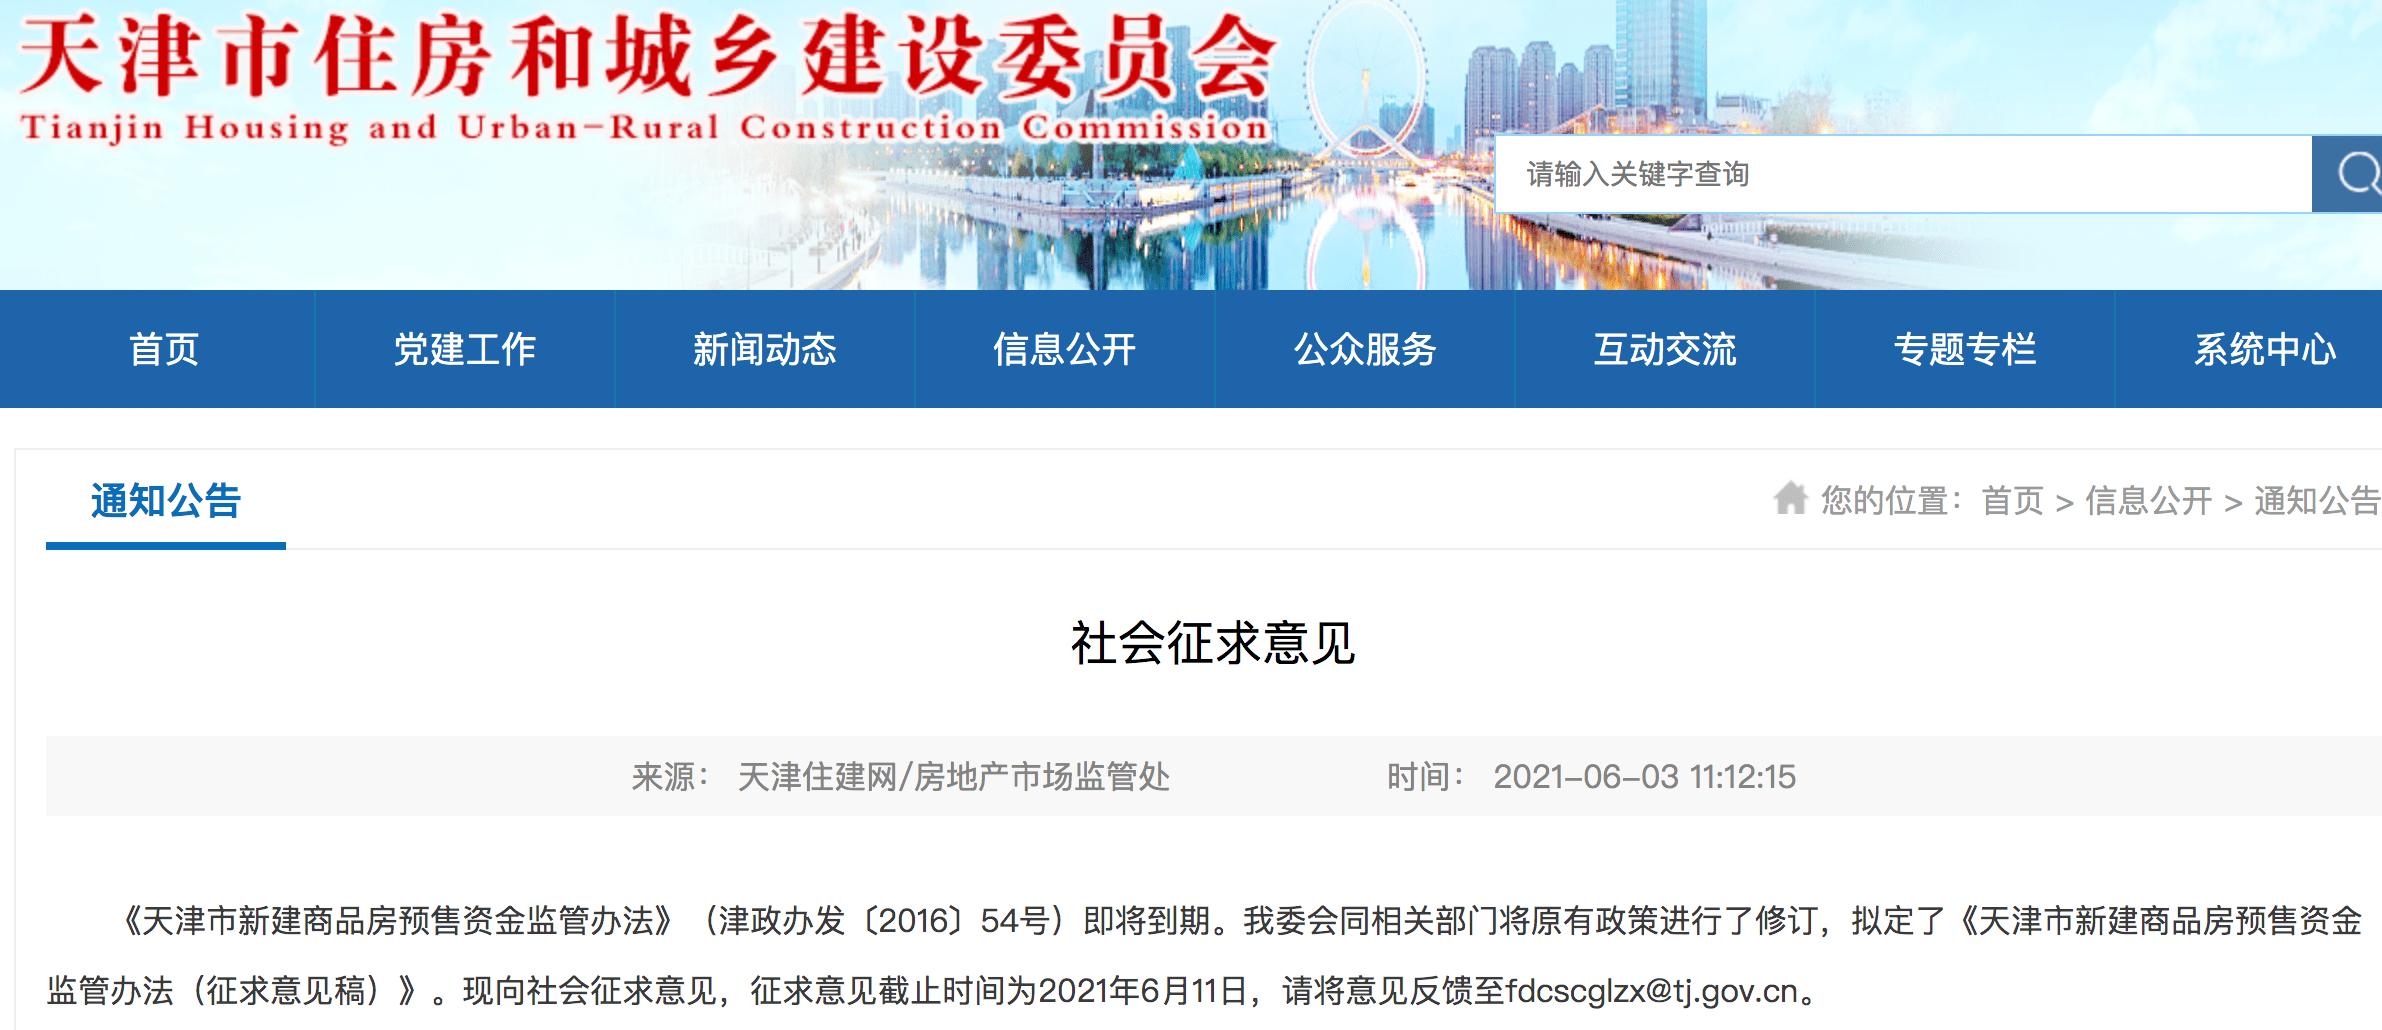 天津商品房预售拟出新规,缩短预售资金监管期限